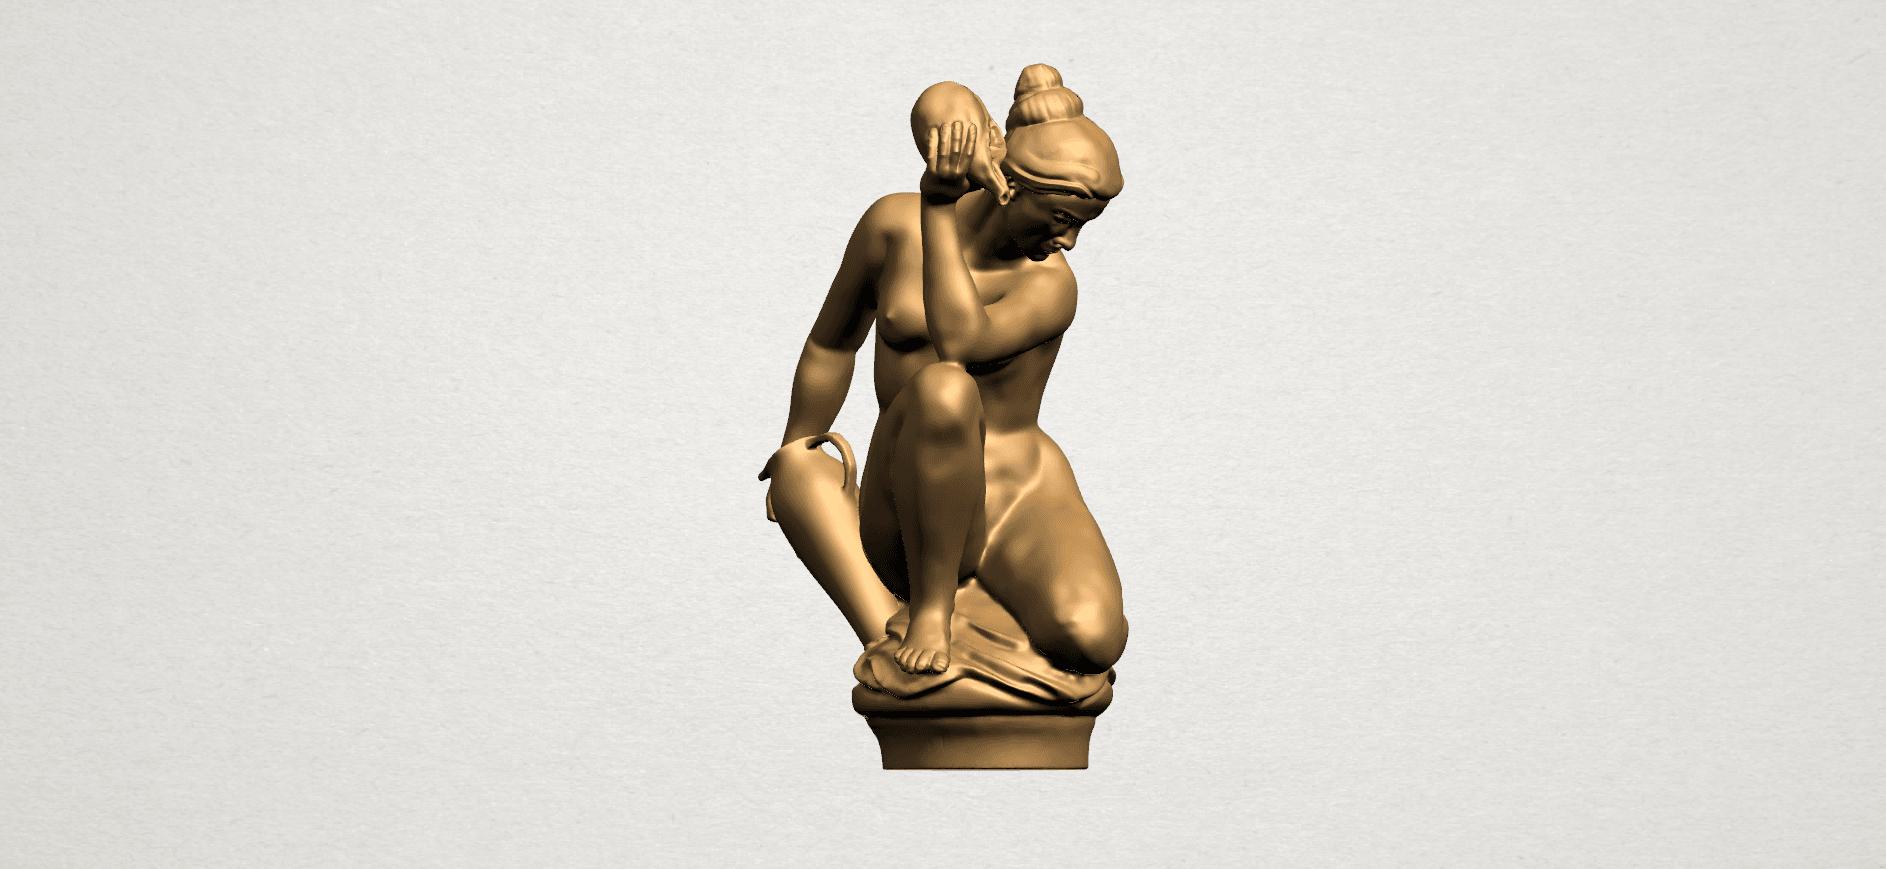 Naked Girl - With Pot - A02.png Télécharger fichier STL gratuit Fille Nue - Avec Pot • Modèle à imprimer en 3D, GeorgesNikkei